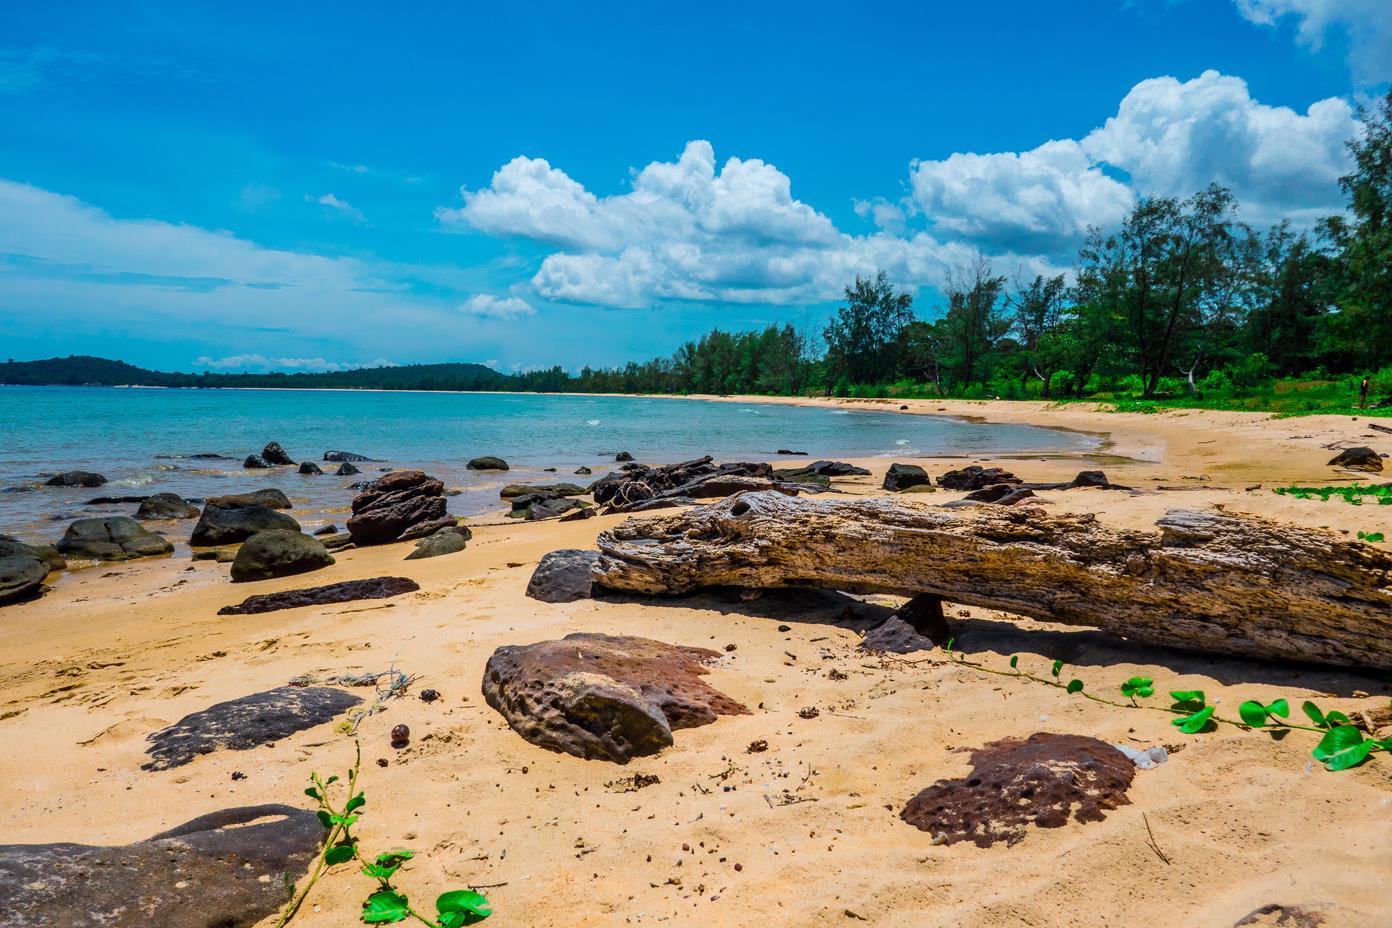 Phu Quoc Travel Guide - Cua Can Beach